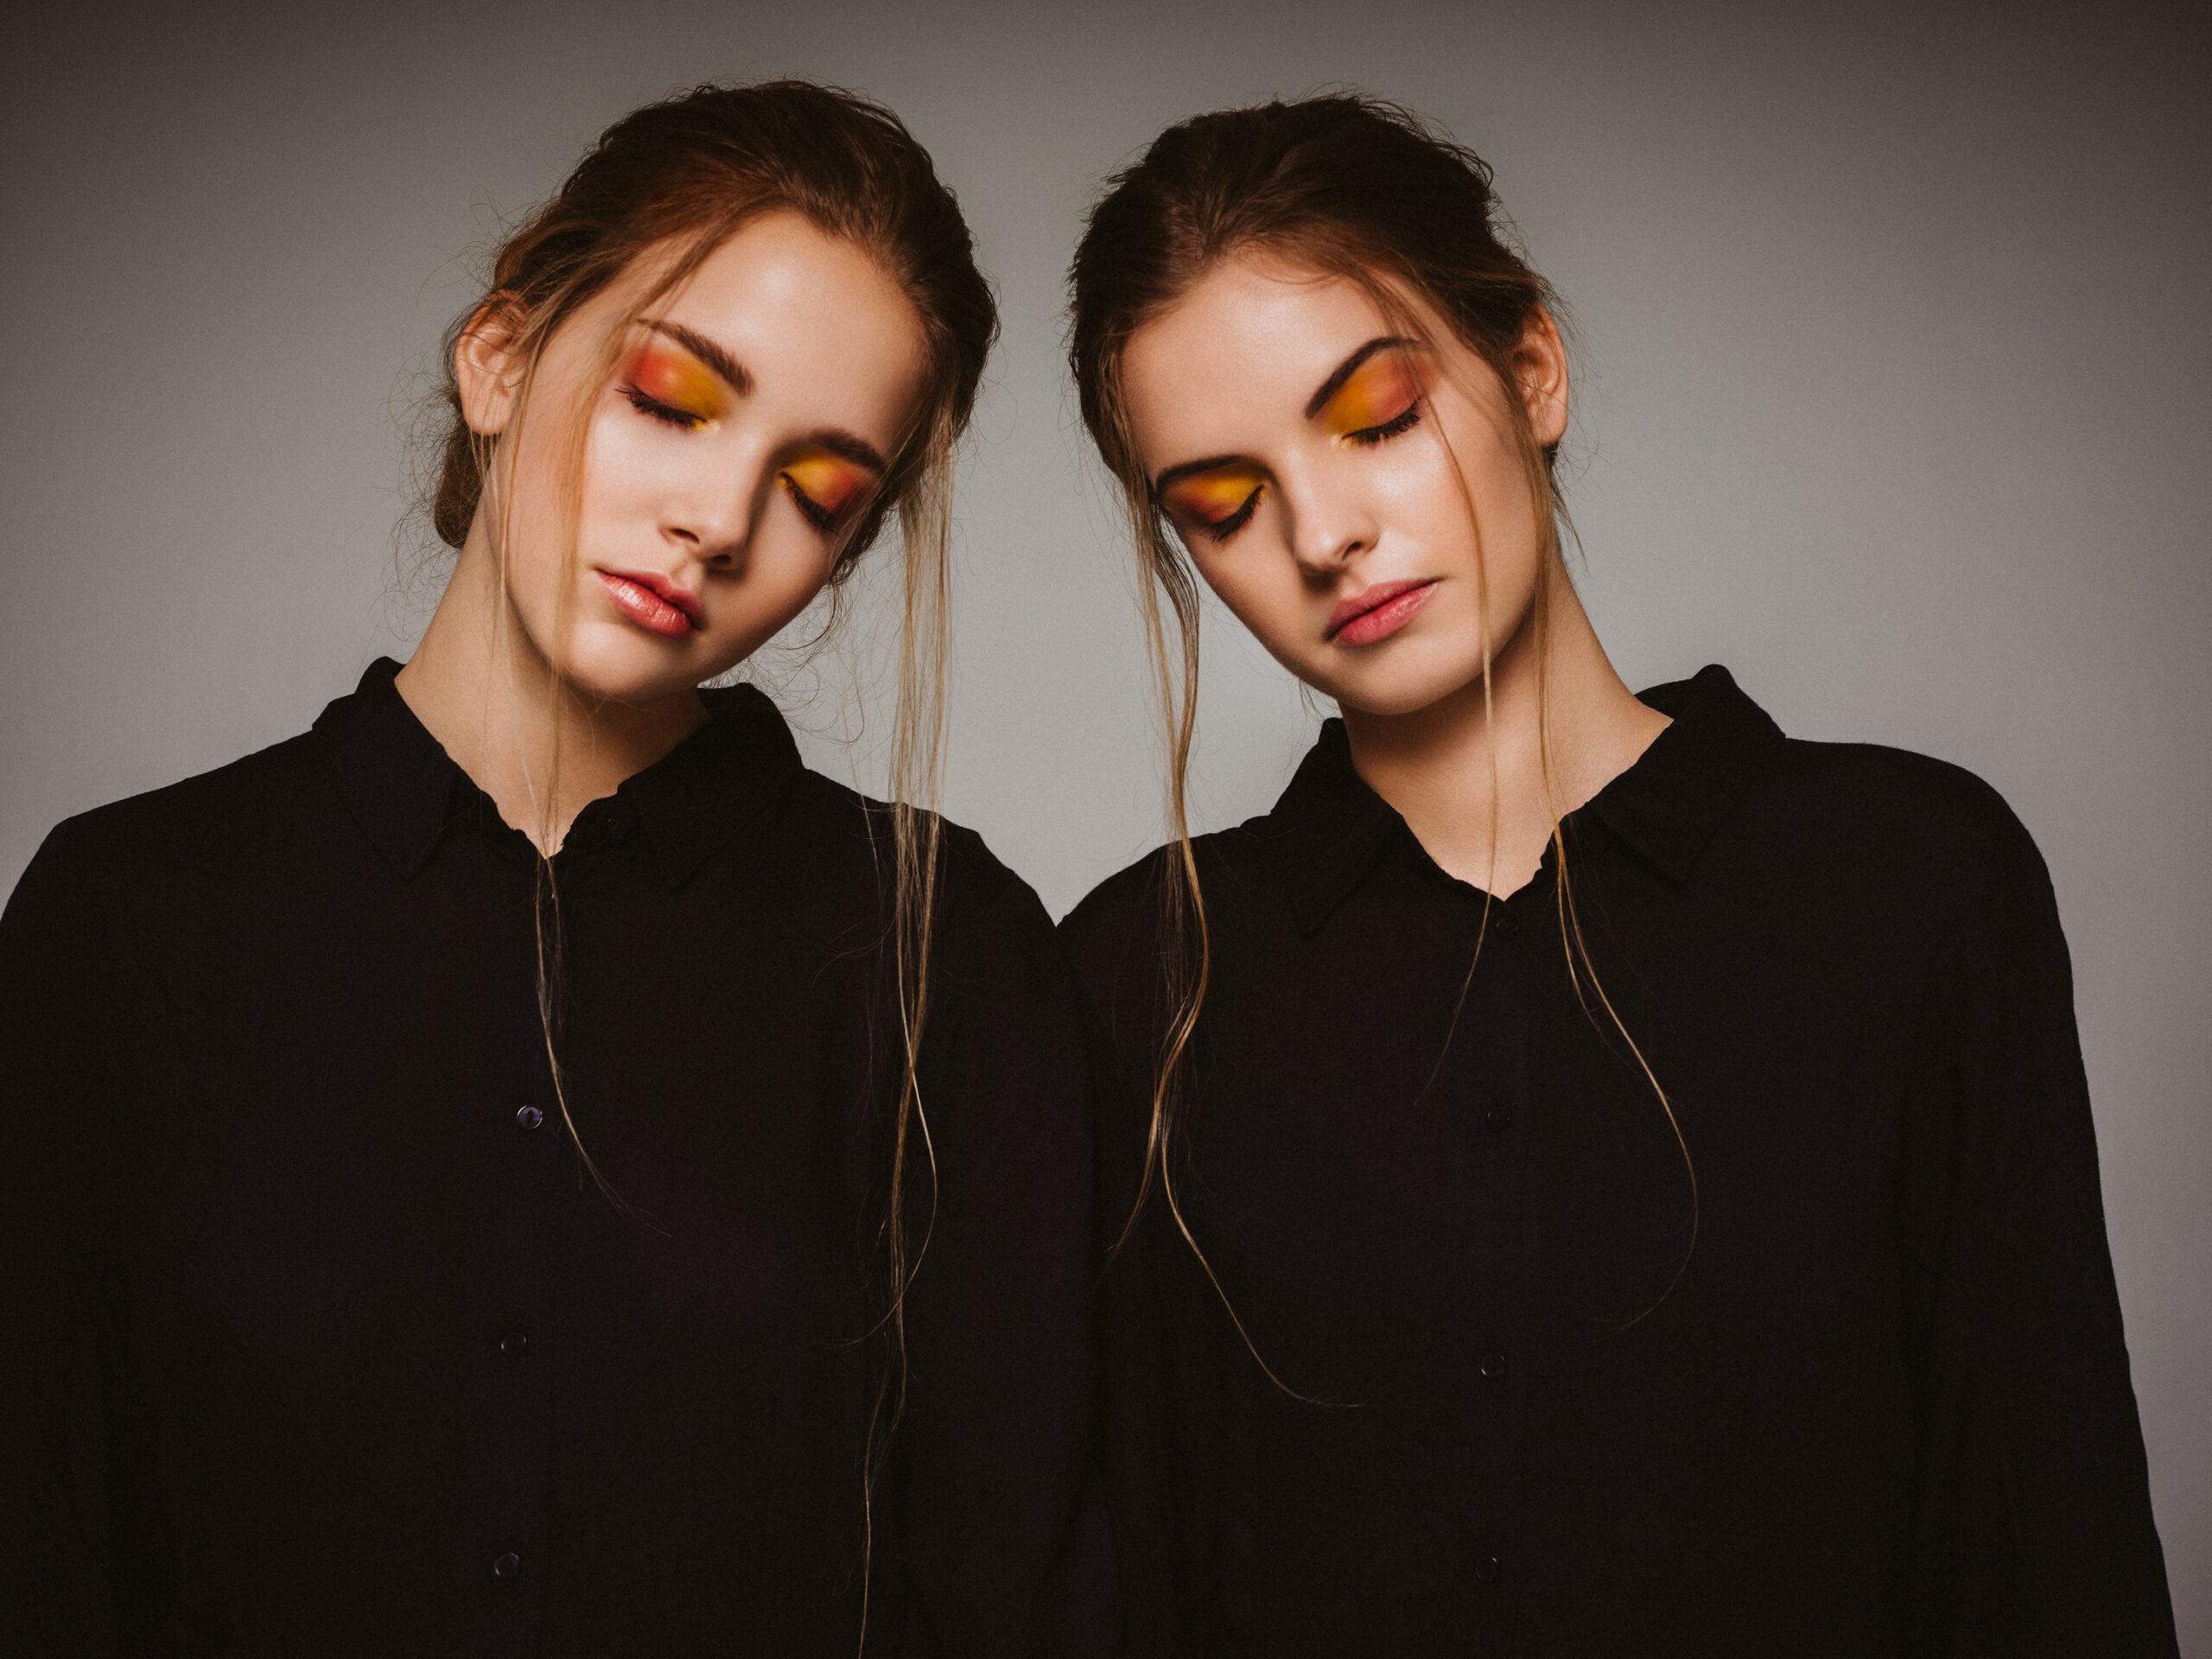 Models Modelwerk